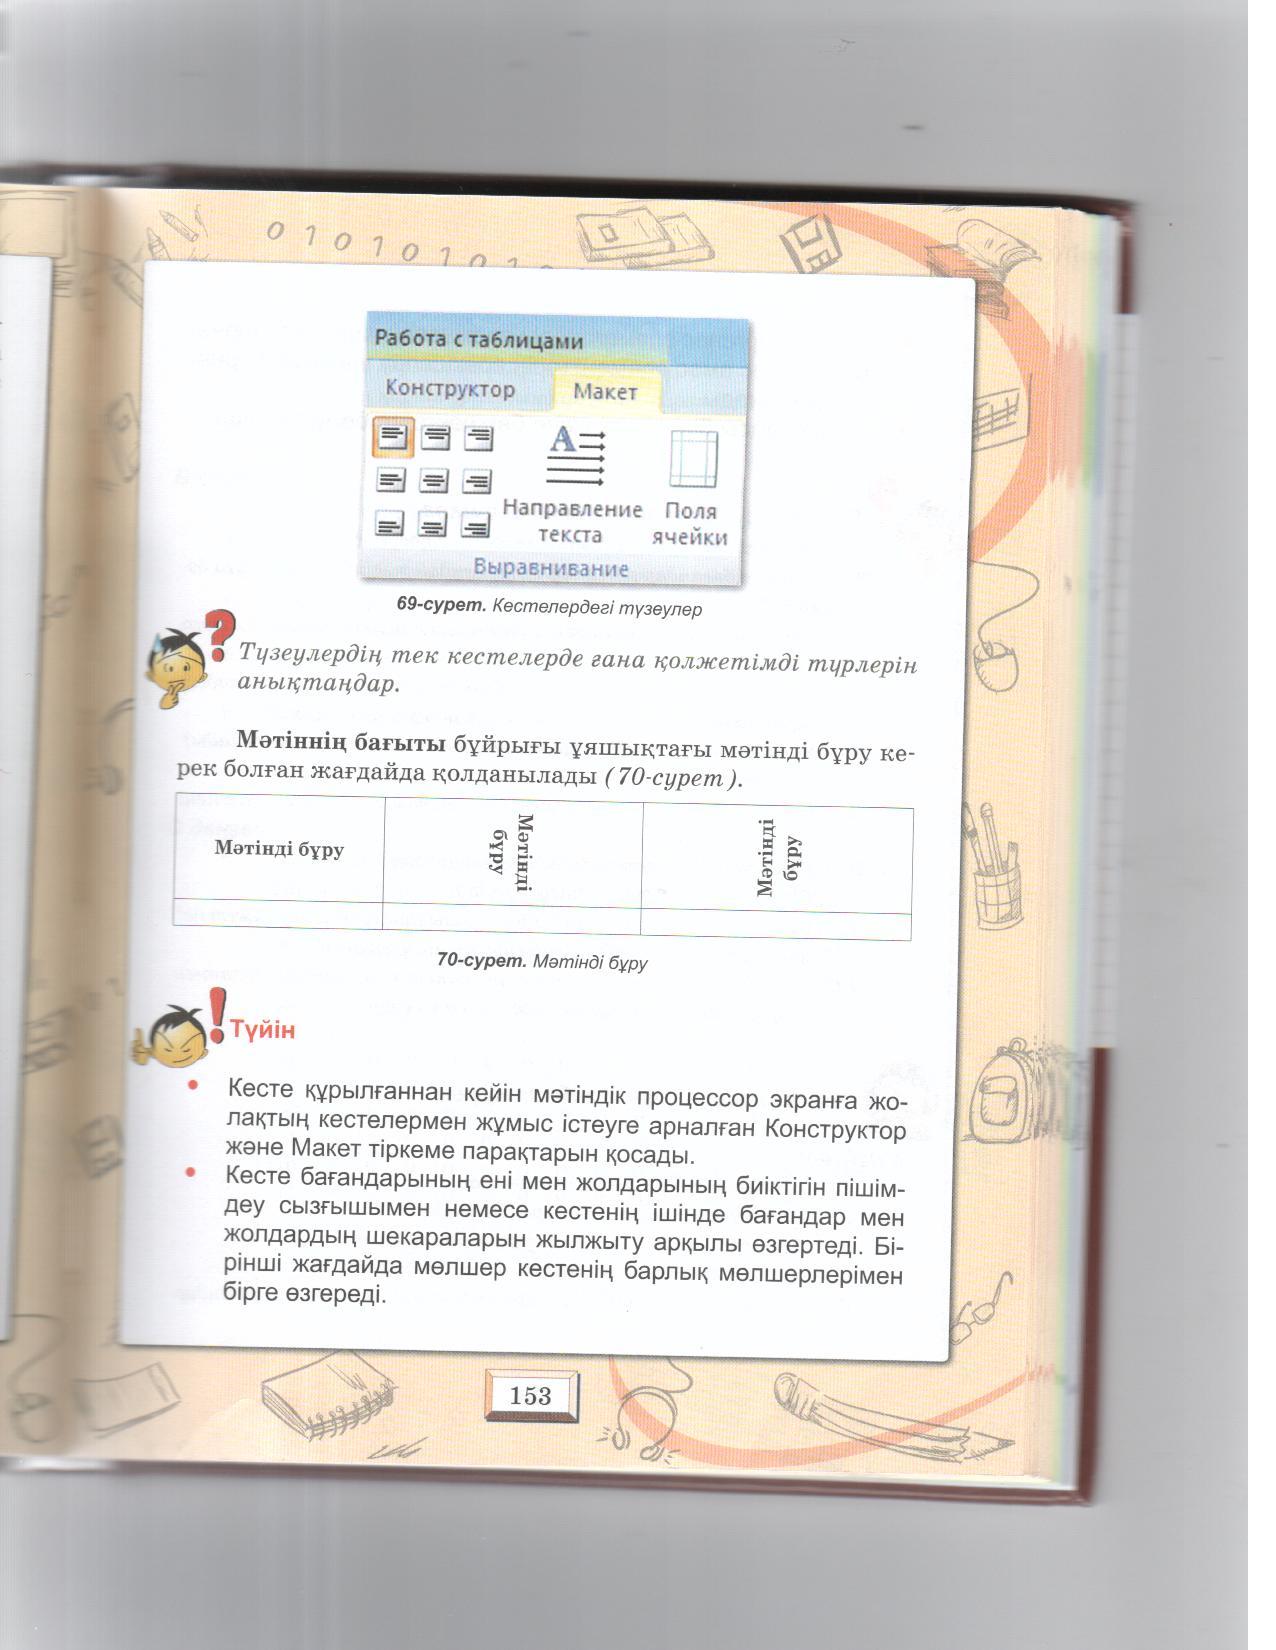 C:\Users\Admin\Desktop\Изображение 057.jpg